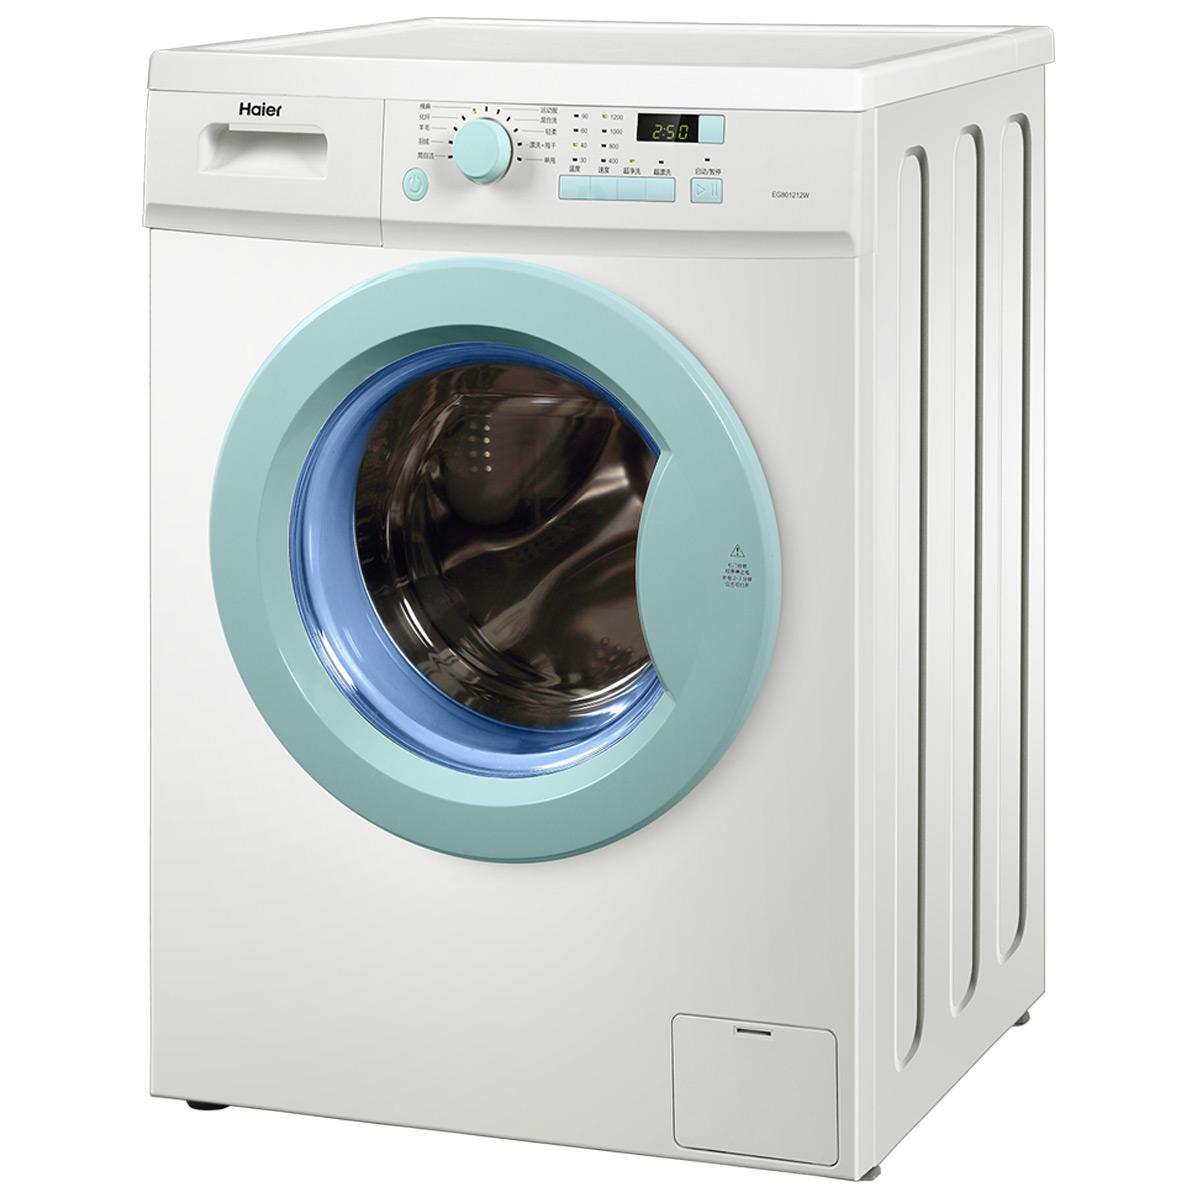 n1212作品封面_海尔滚筒洗衣机 eg801212w